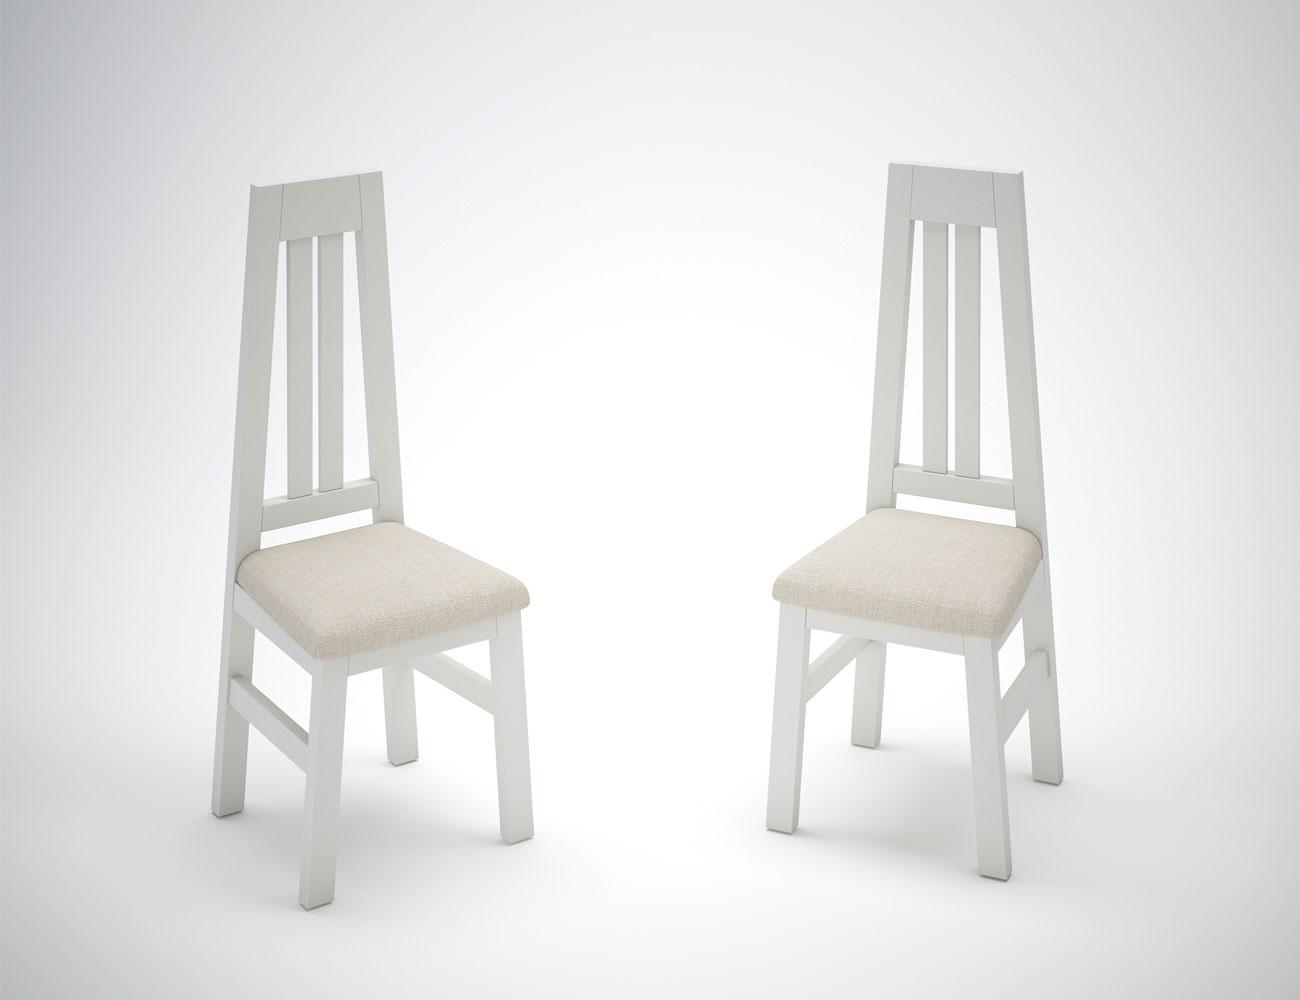 Juego 2 sillas blanco tapizadas en color blanco 11229 for Silla madera blanca